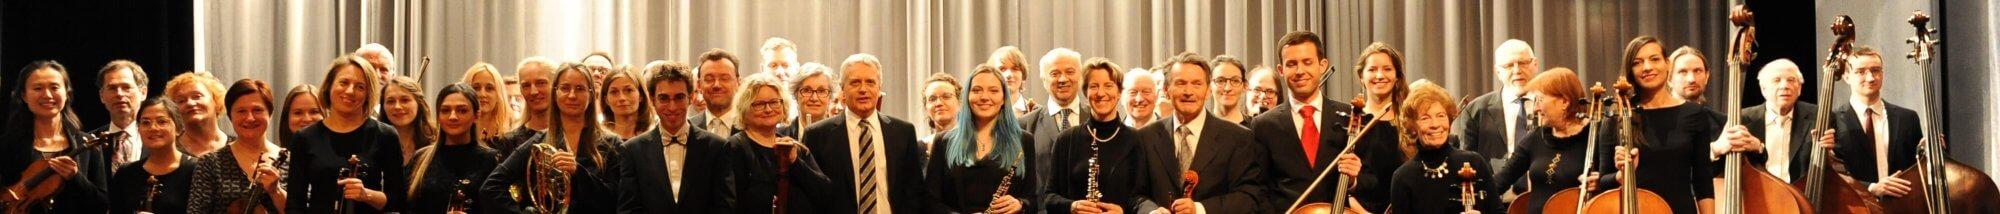 Orchesterverein Concentus21 - ein Amateurorchester sucht MitspielerInnen